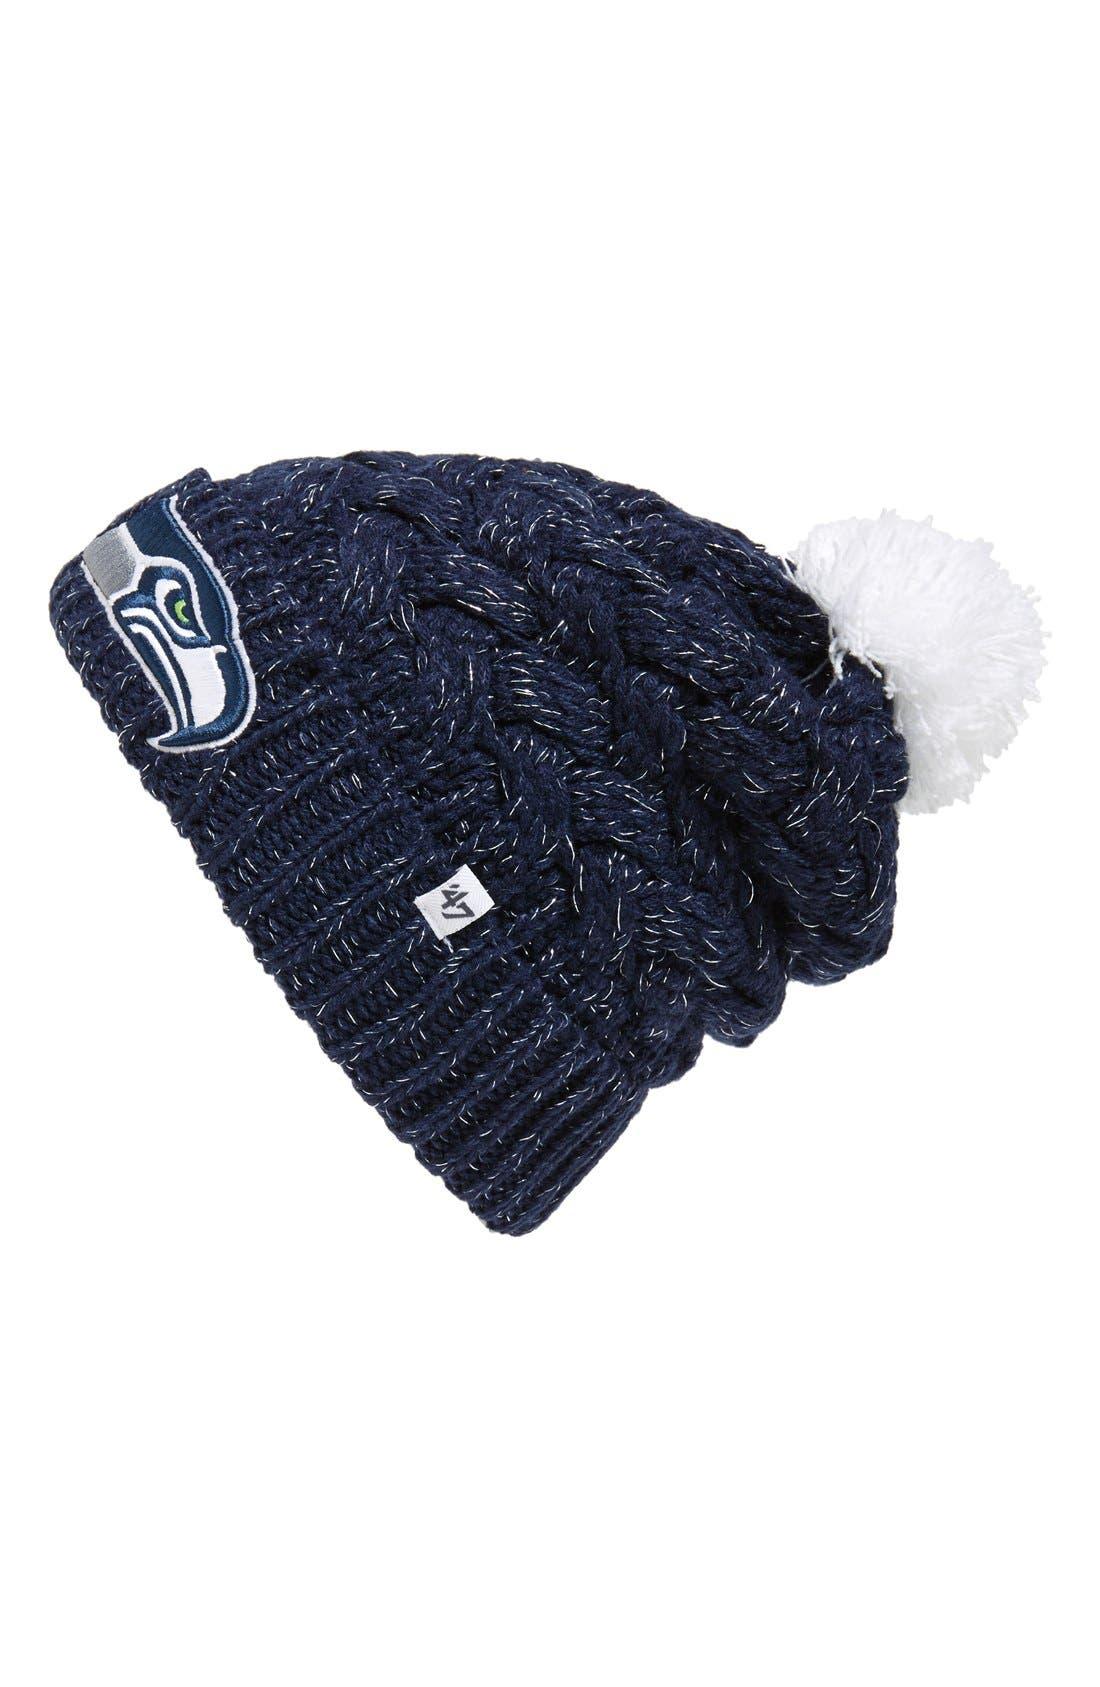 47 47 Brand Seattle Seahawks Pom Beanie